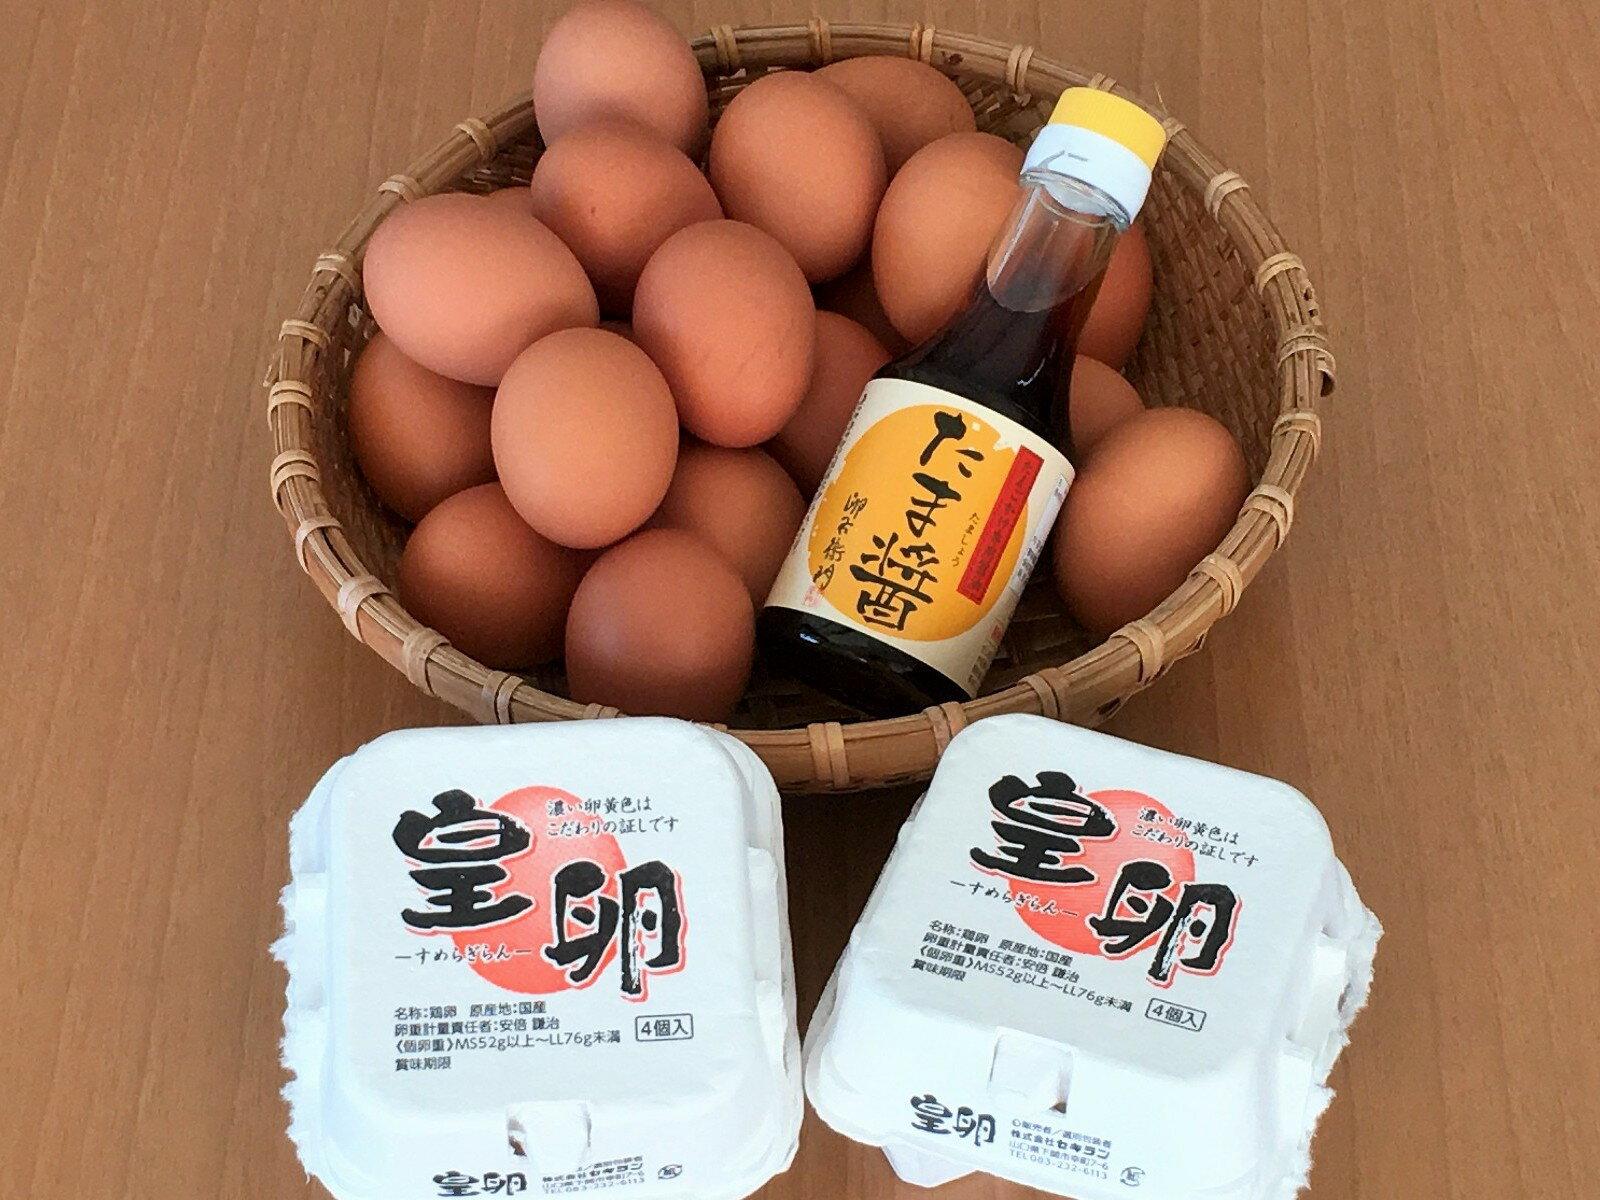 """こだわり特卵""""皇卵""""4個入り5パック【15個+破損保障5個】と特製たまごかけ専用醤油""""たま醤""""150ml1本のお買い得なセットです。"""